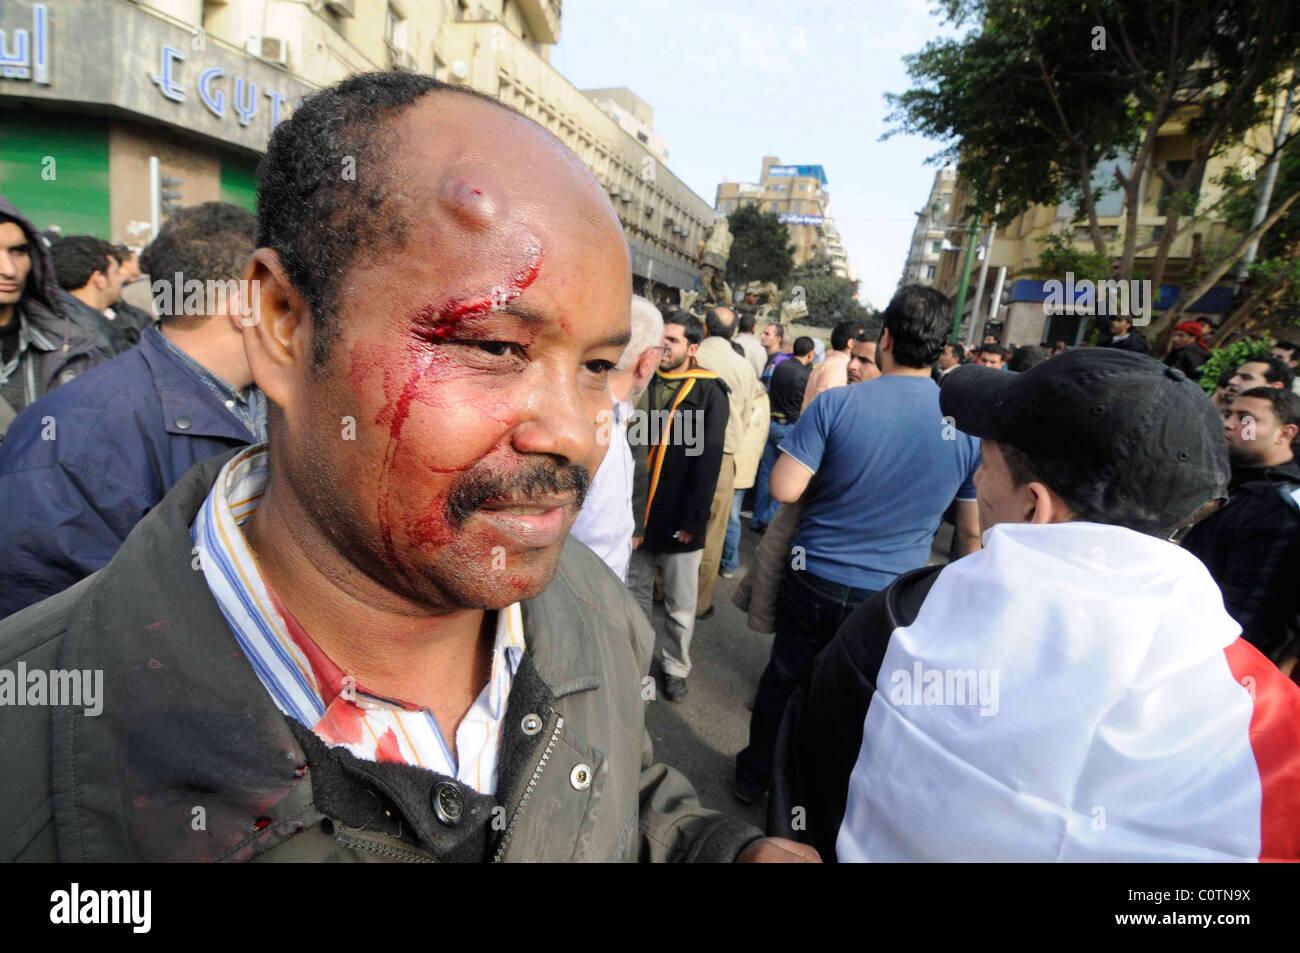 Ein Anti-Mubarak-Demonstrant verwundet durch Stein bei Zusammenstößen auf dem Tahrir-Platz am 2. Februar Stockbild